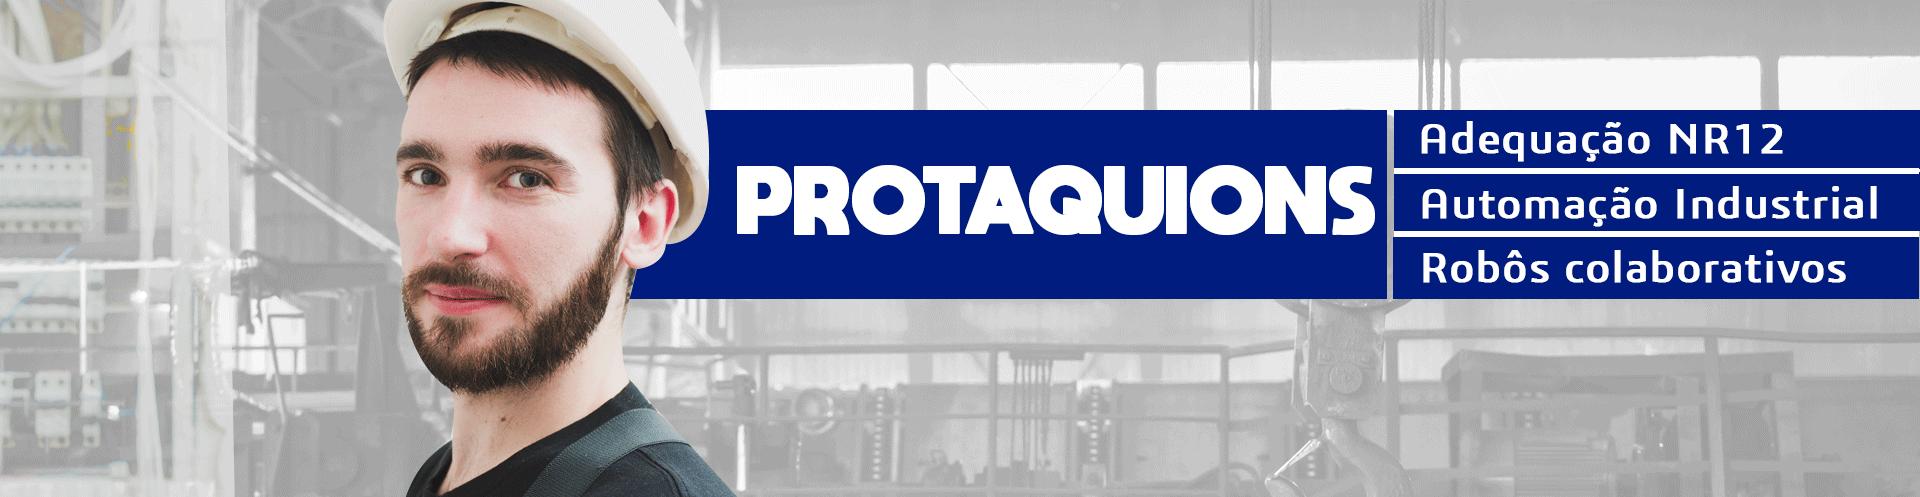 Protaquions 2